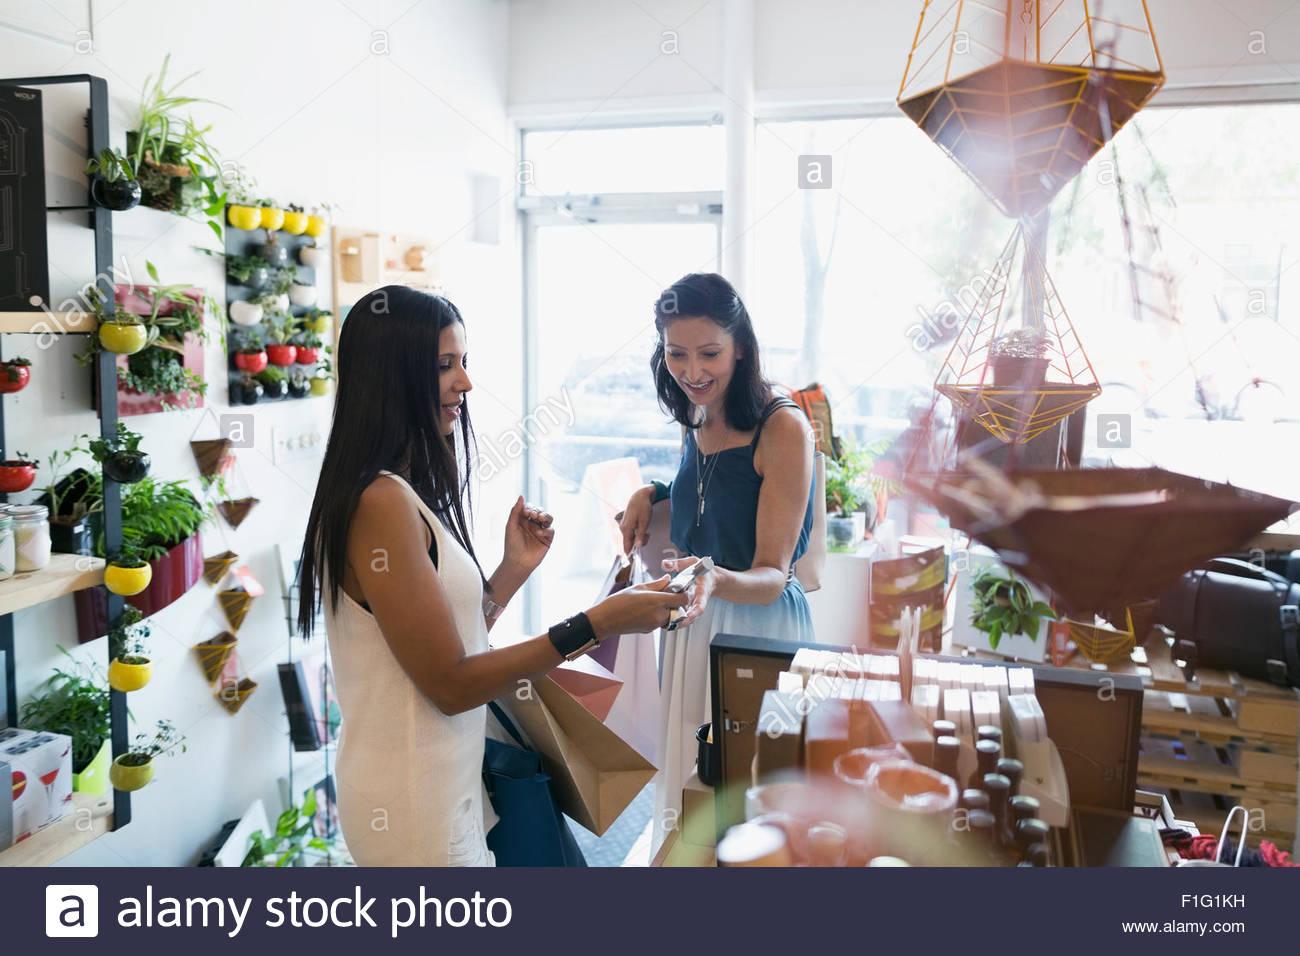 Women shopping in housewares shop Stock Photo